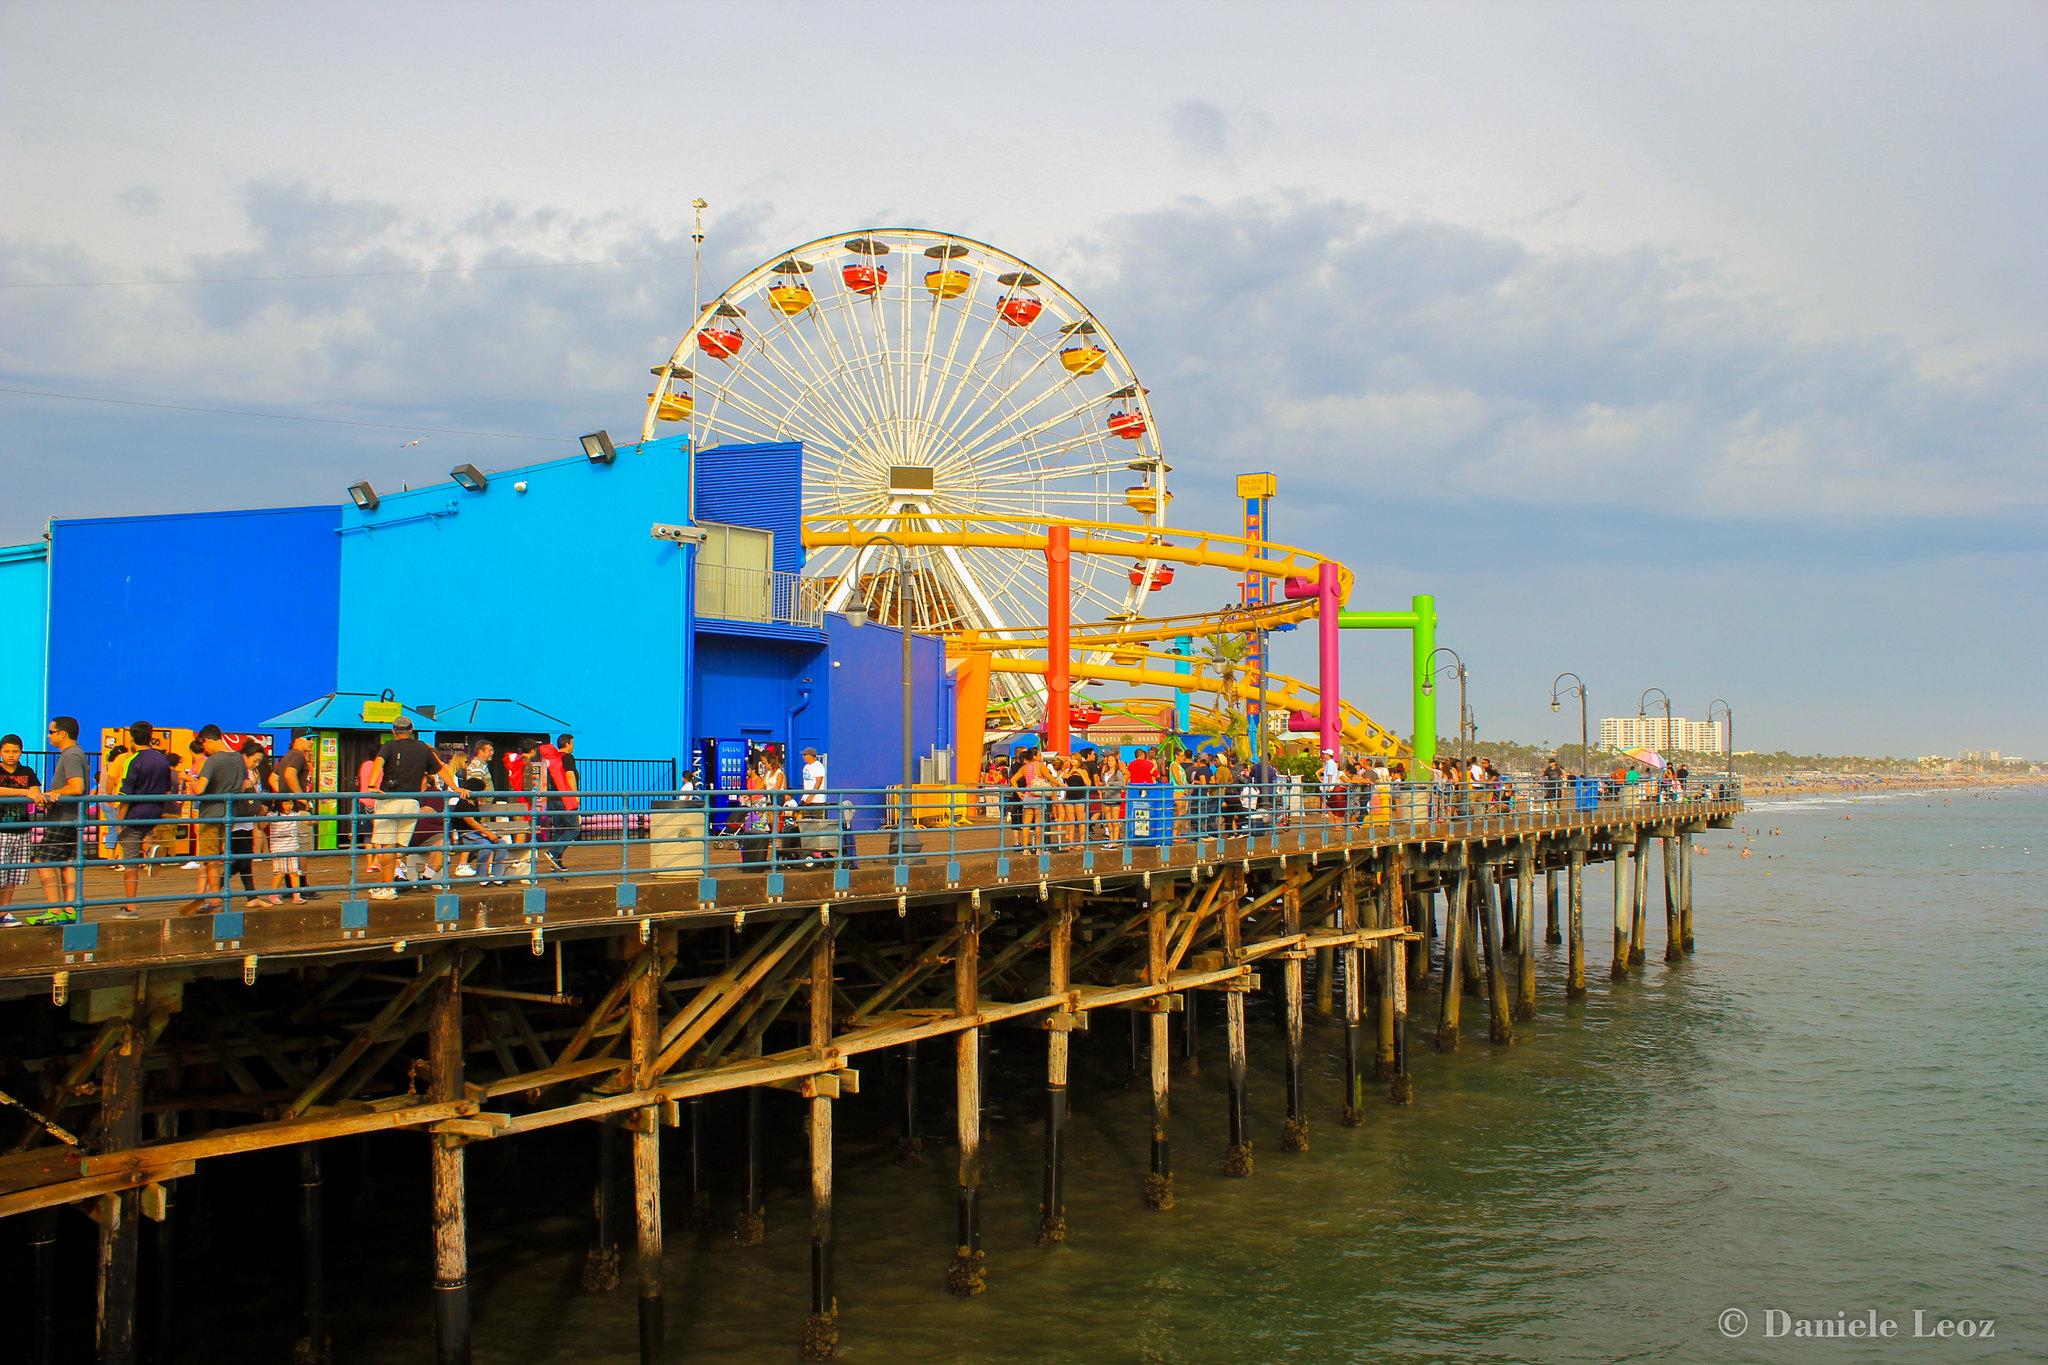 Pier de Santa Mónica